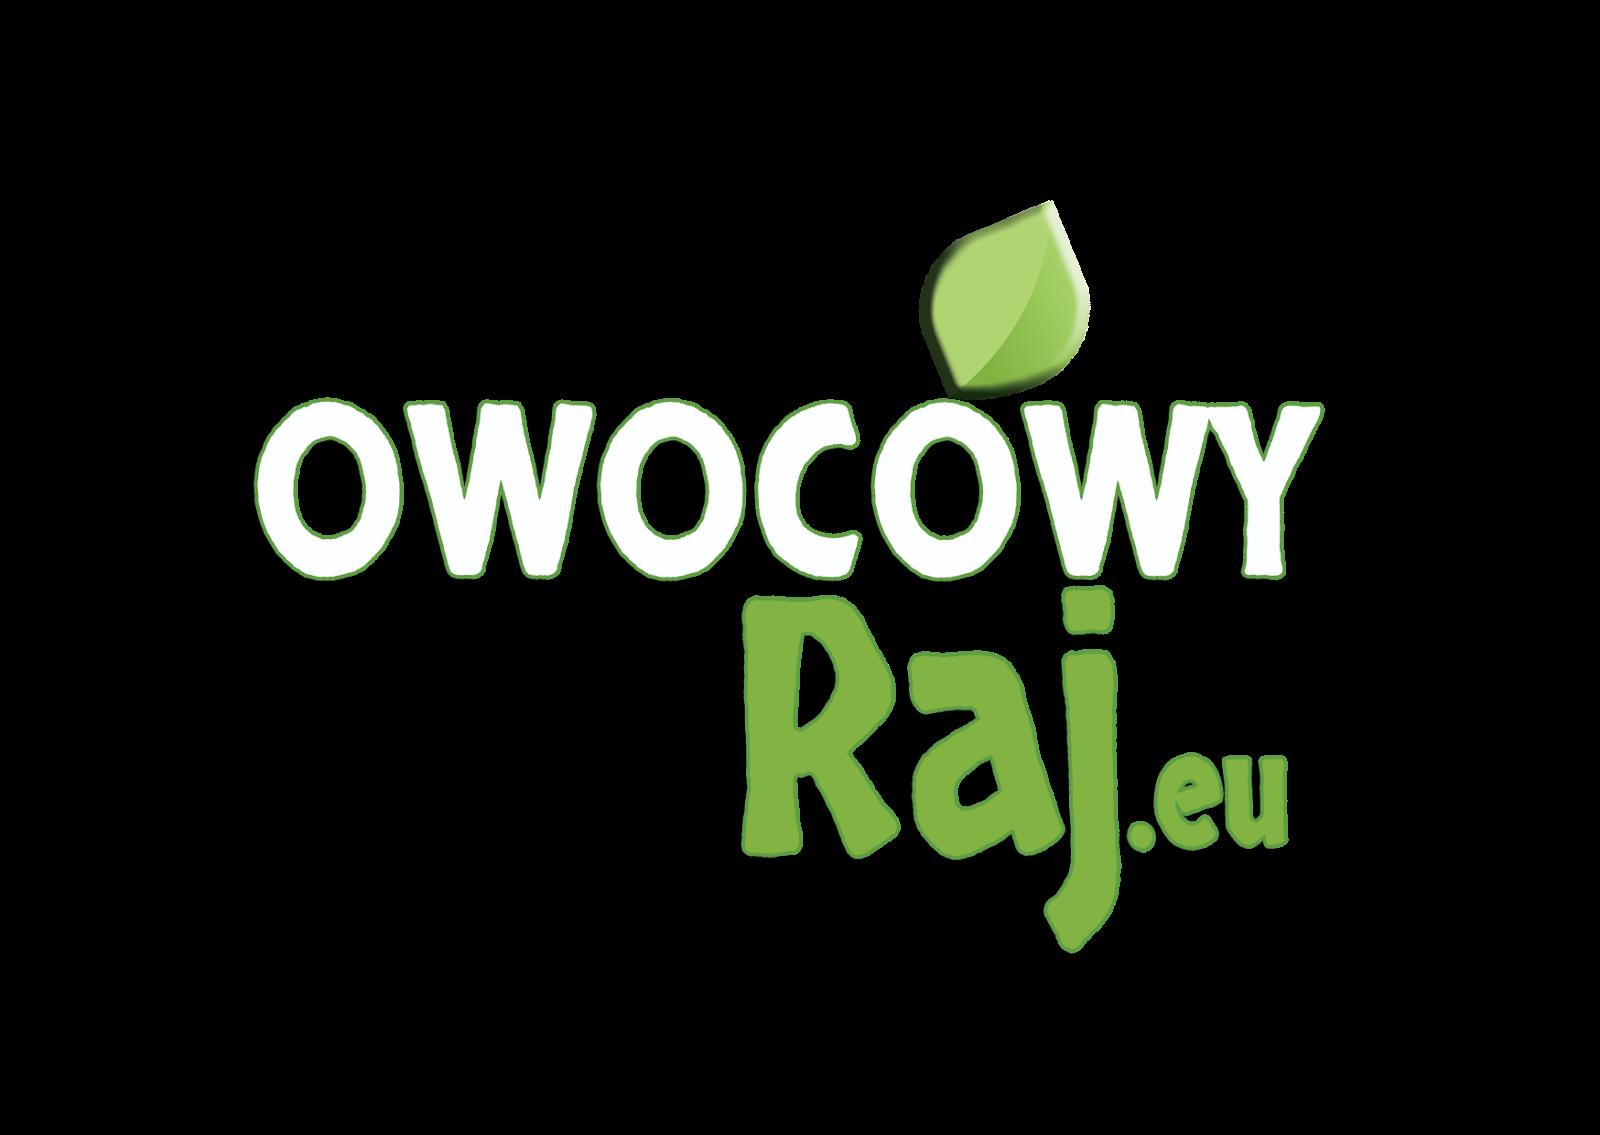 http://www.owocowyraj.eu/